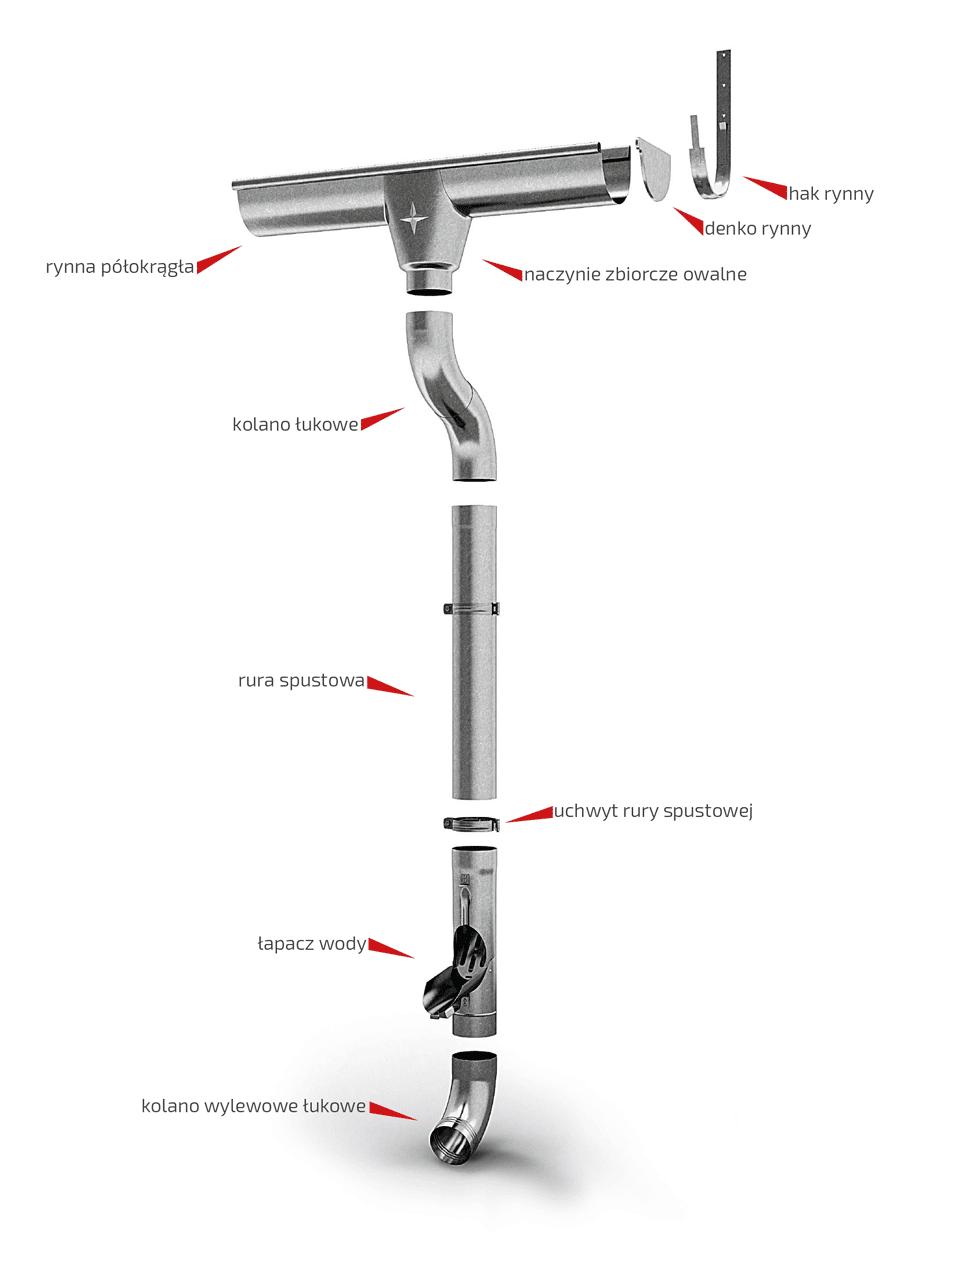 Instrukcja montaż rynien - systemy rynnowe 1